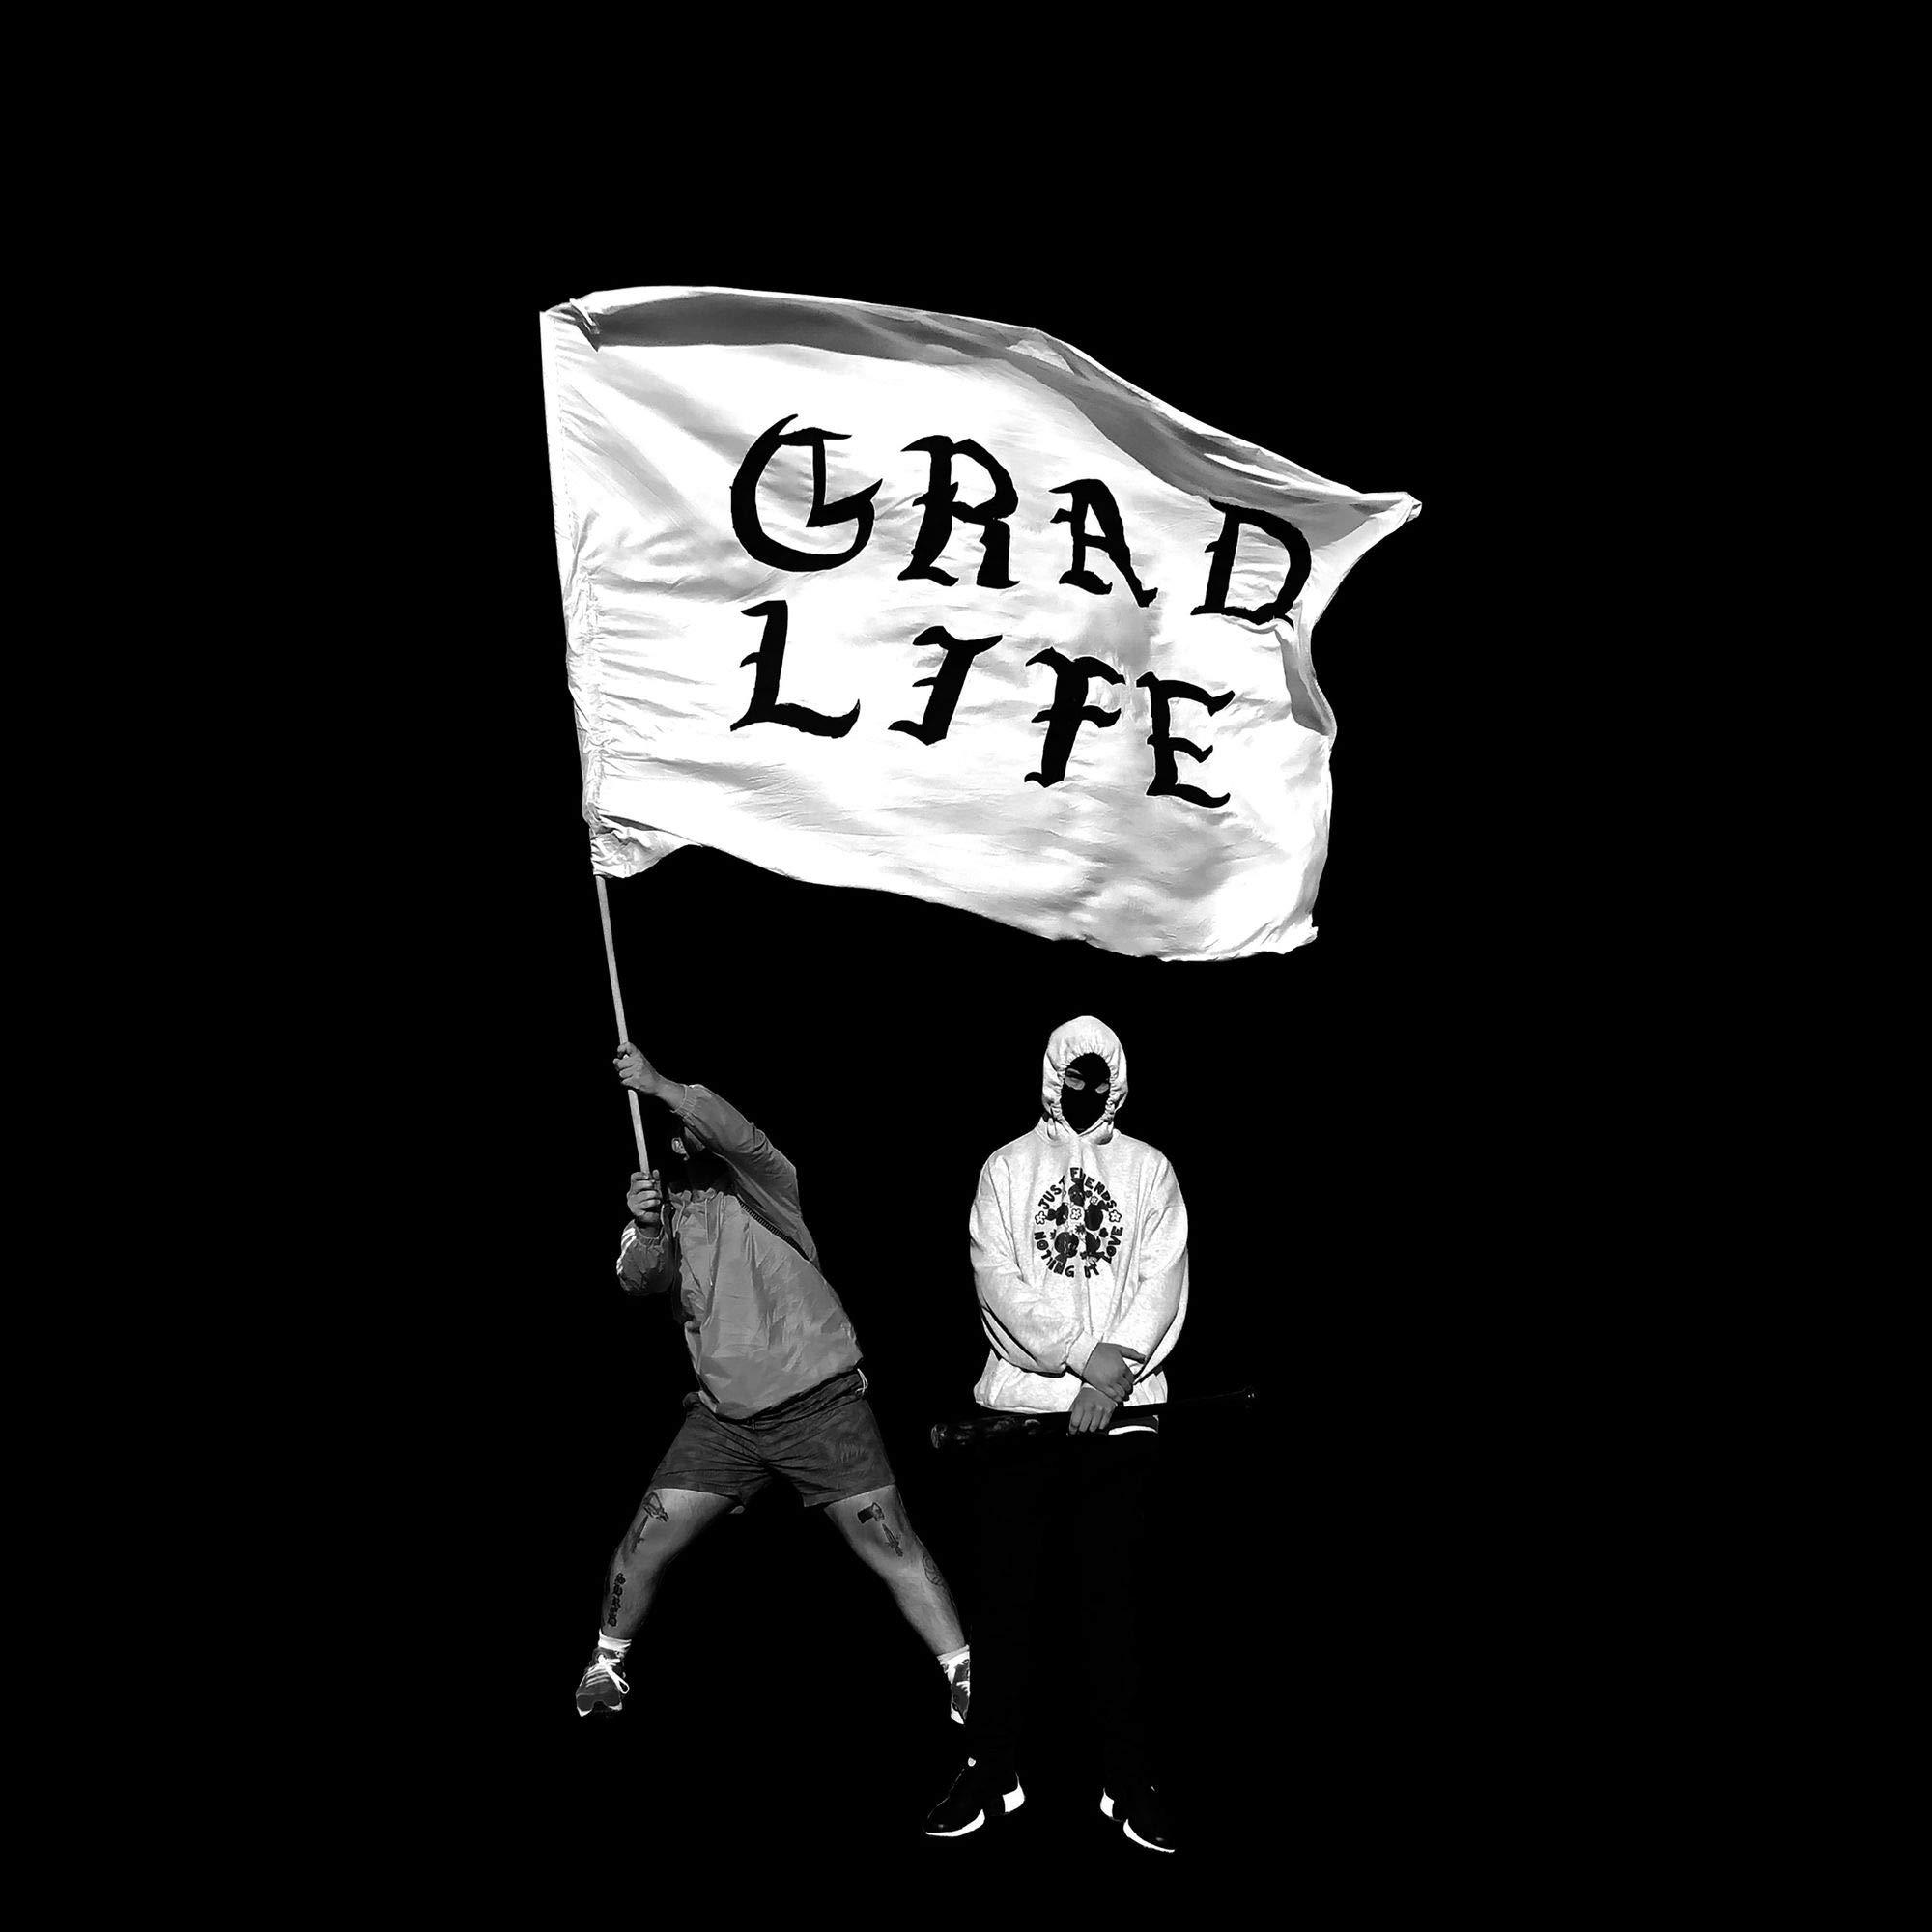 Vinilo : Graduating Life - Grad Life (LP Vinyl)